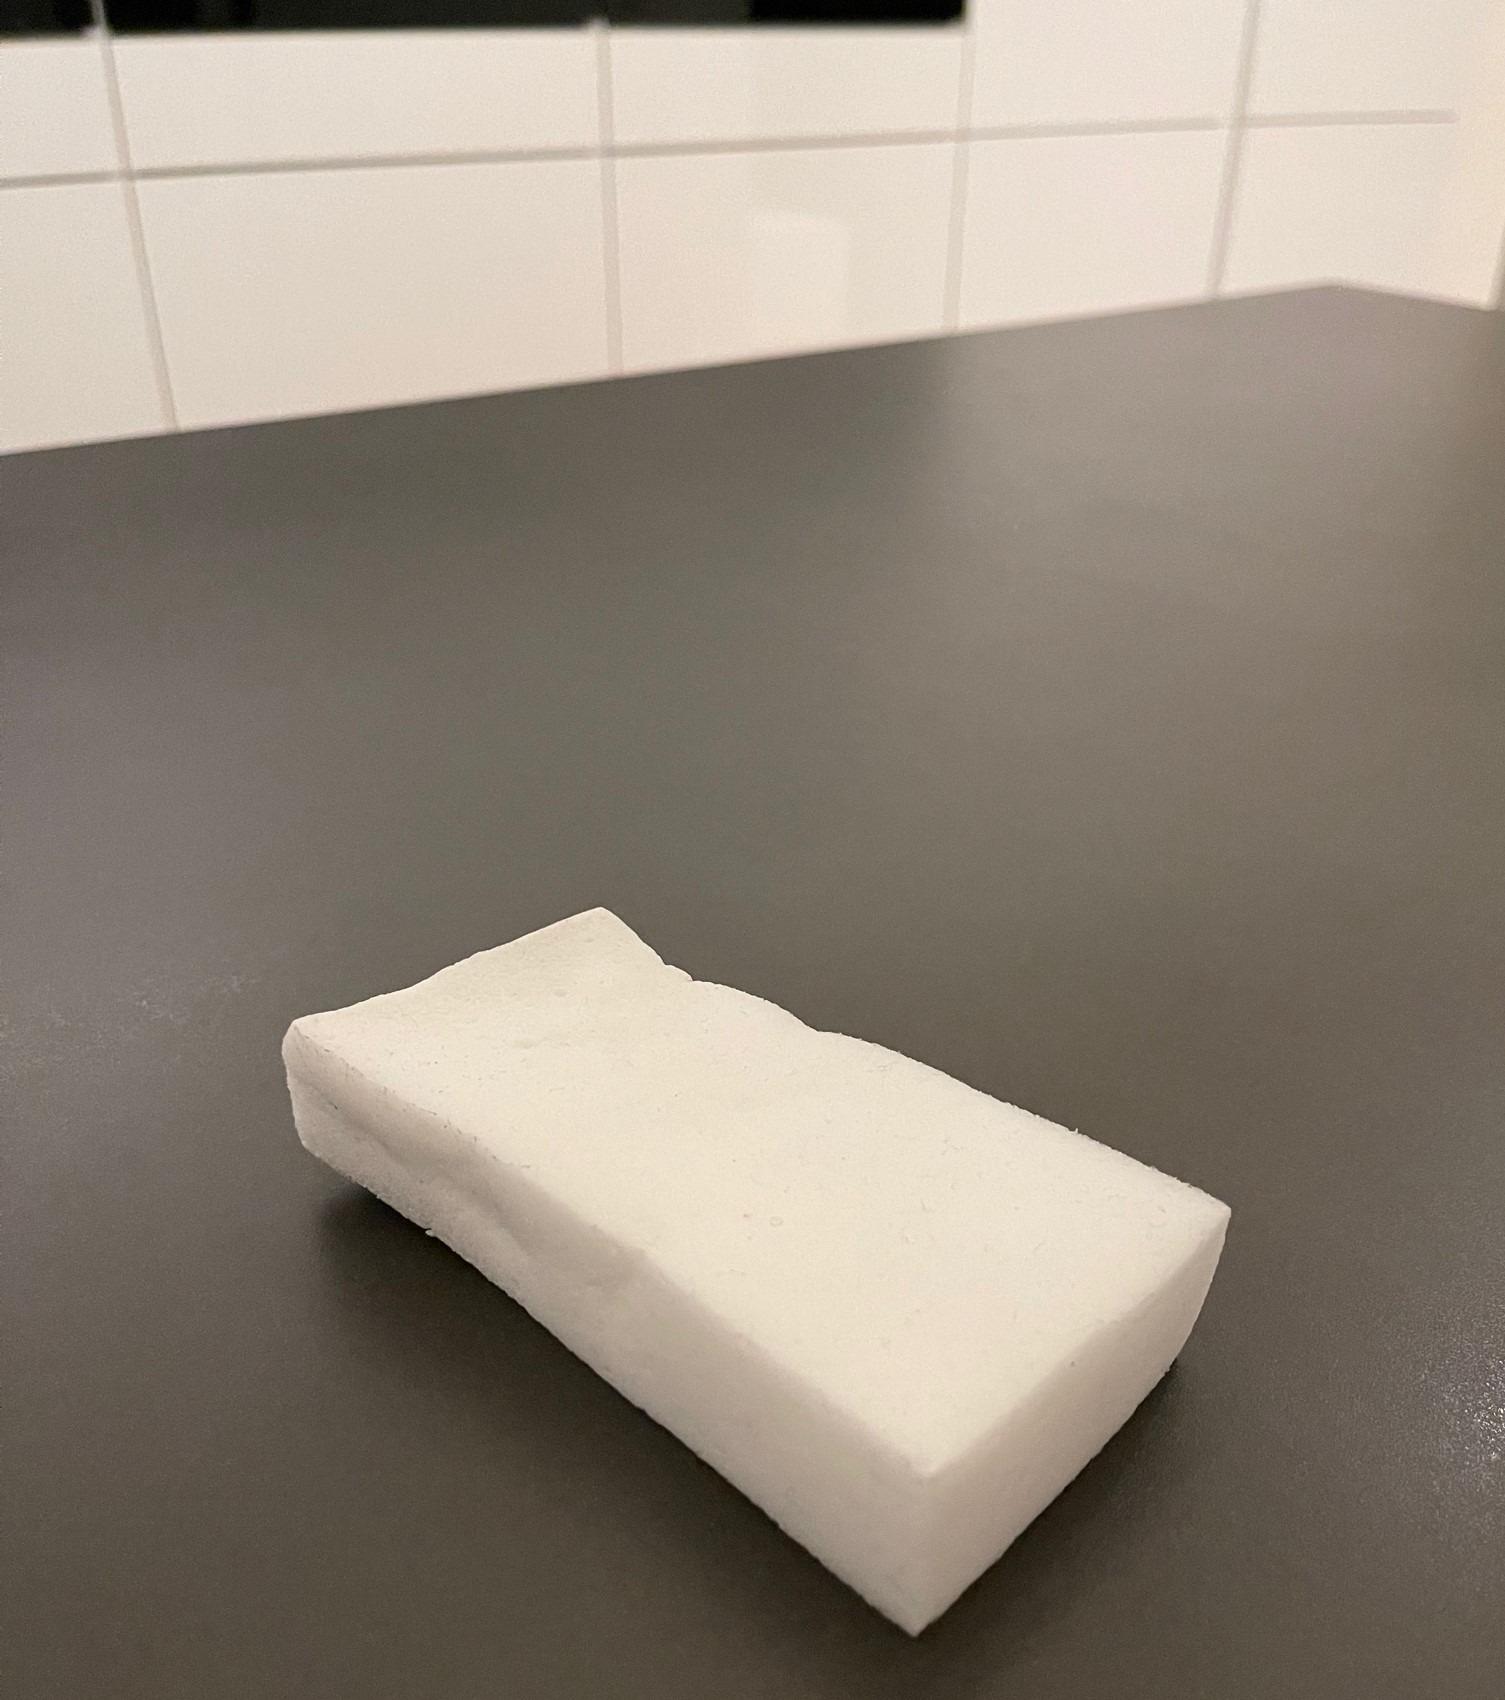 Die Flecken auf der Küchenarbeitsplatte wollen nicht gehen